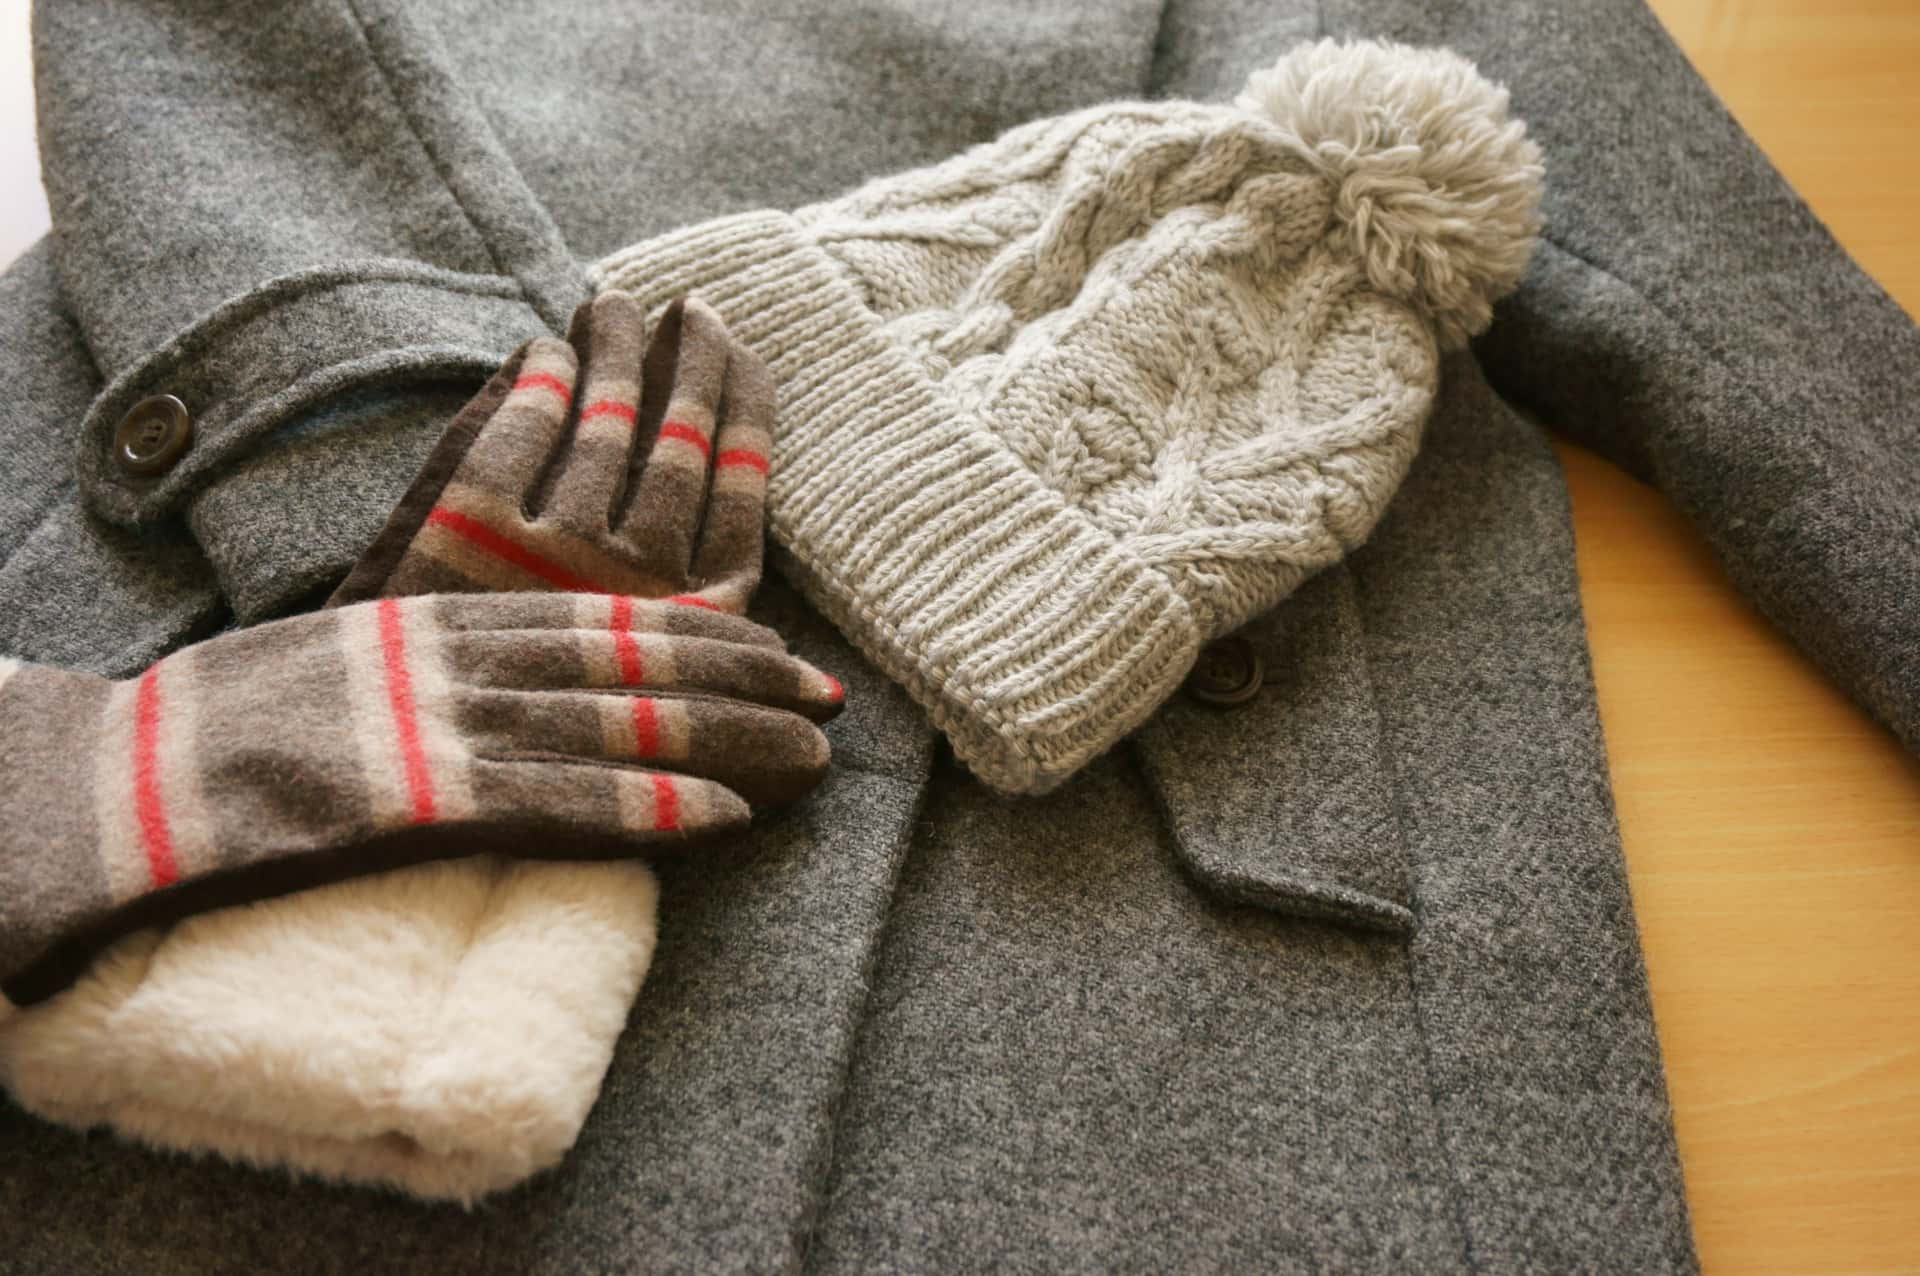 冬はうつ病になりやすい季節